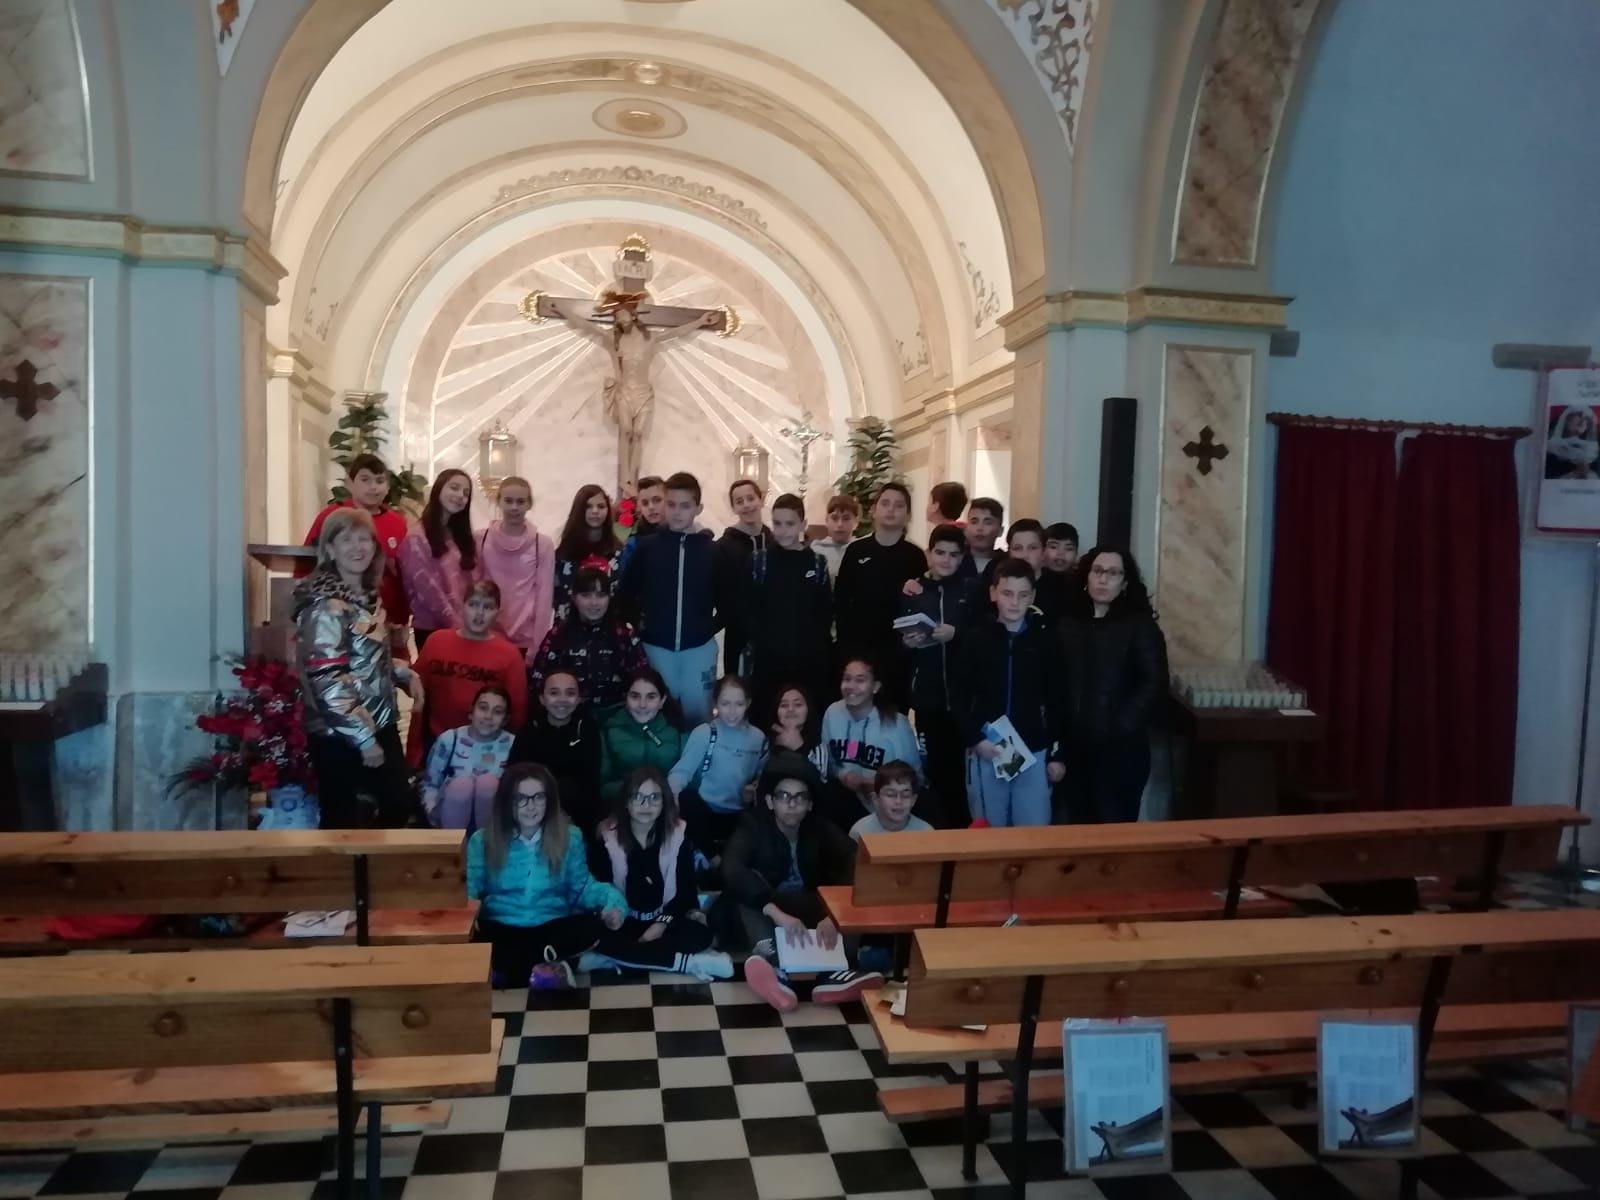 (2019-04-11) Visita ermita alumnos Pilar - 6 primaria -  9 de Octubre - María Isabel Berenguer (09)